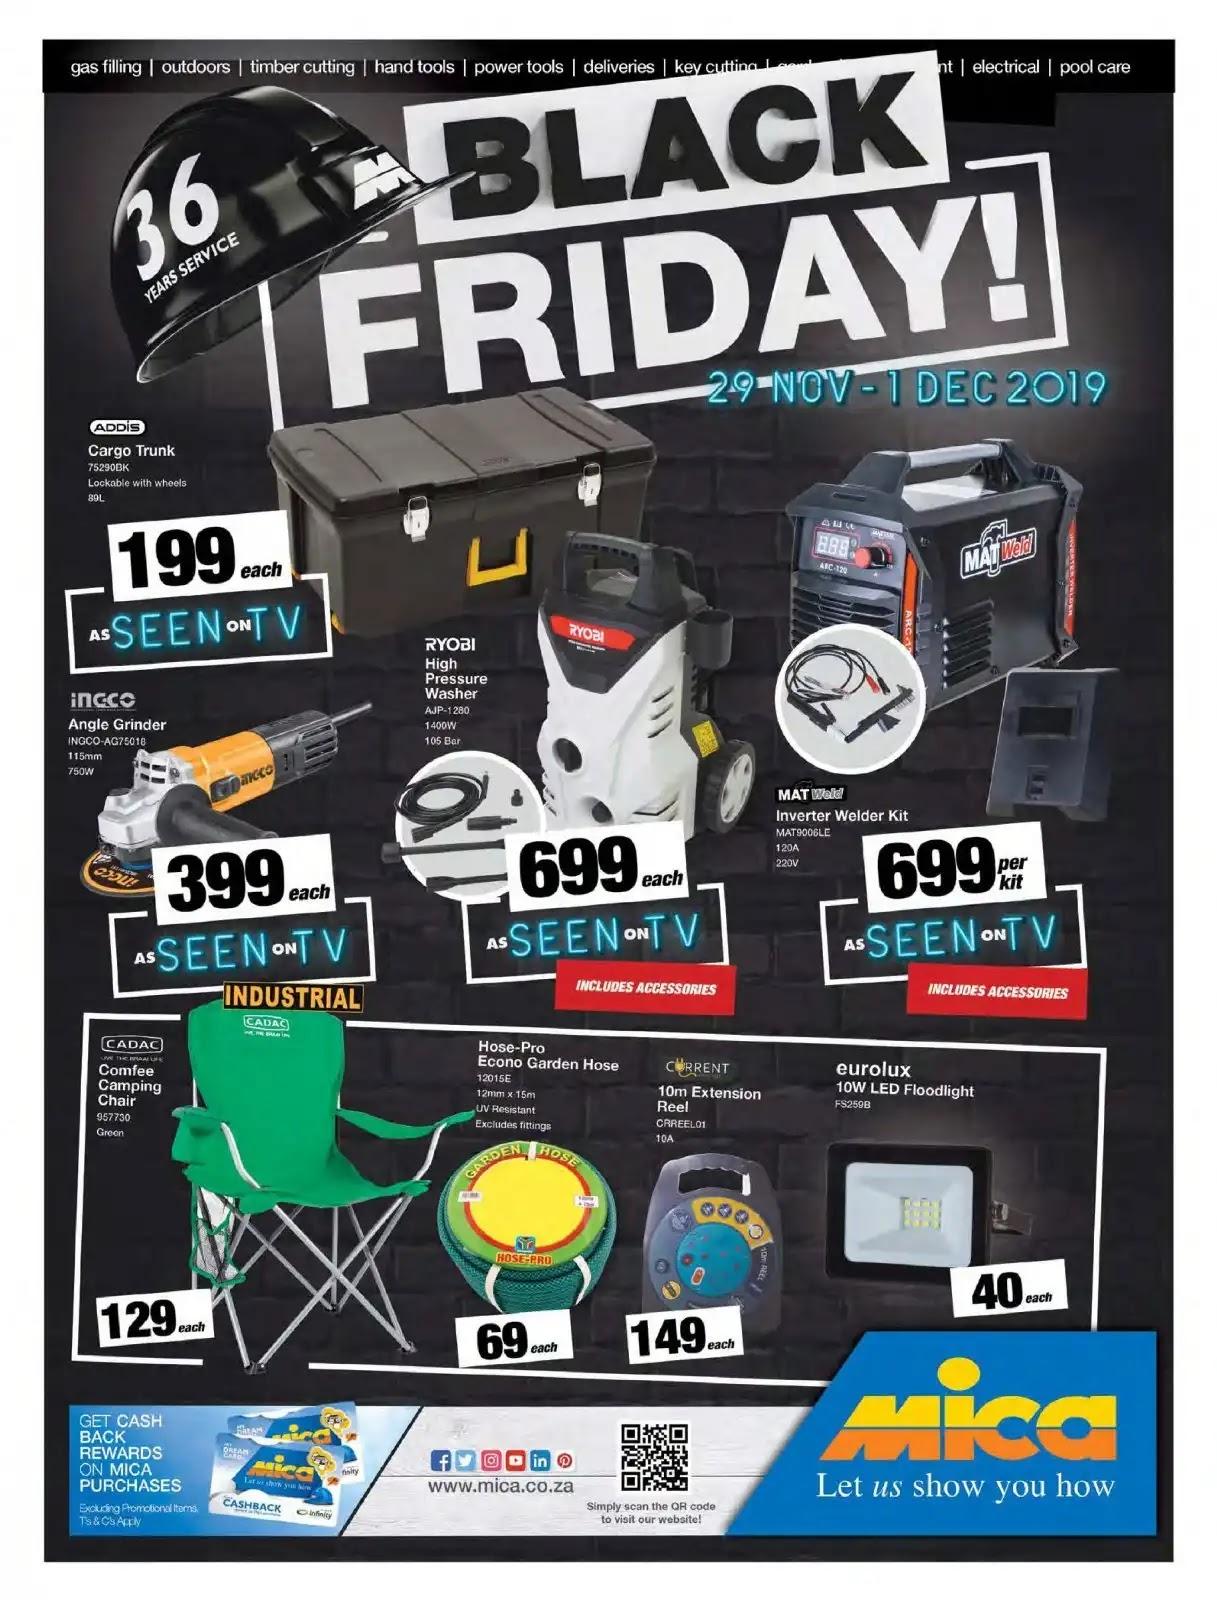 Mica Black Friday Deals